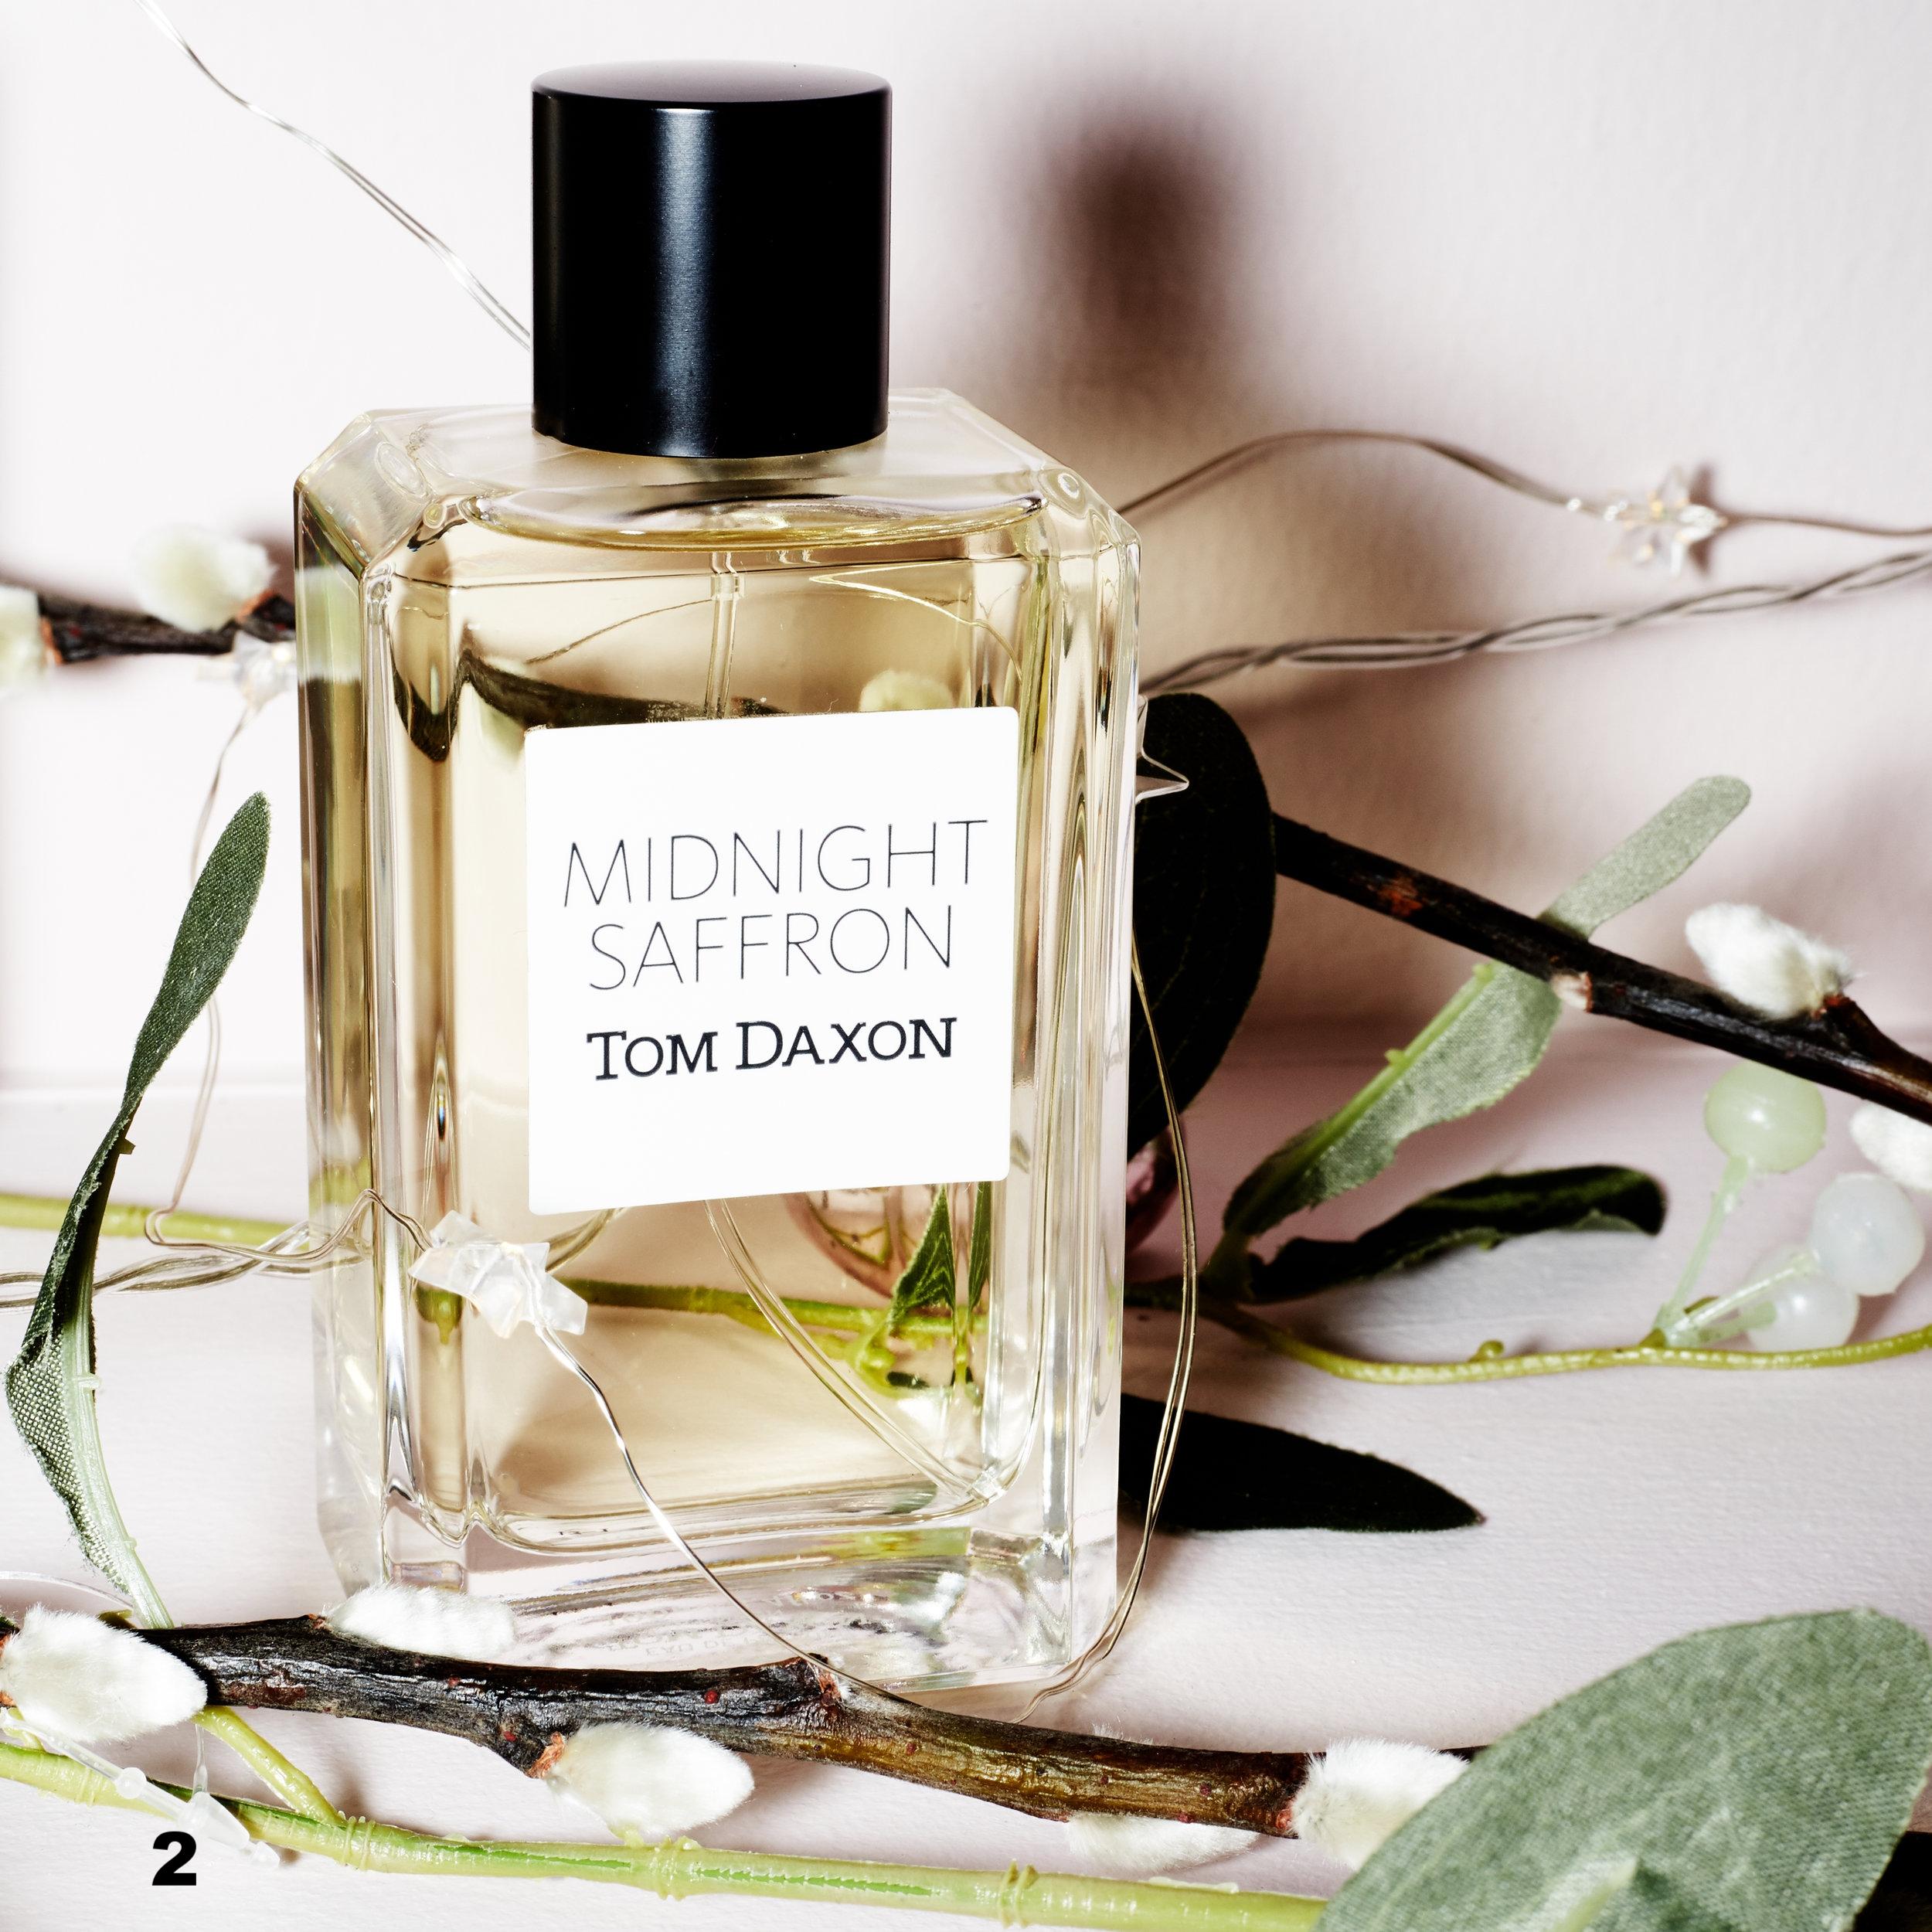 AsiaWerbel_perfumefinals 10.jpg